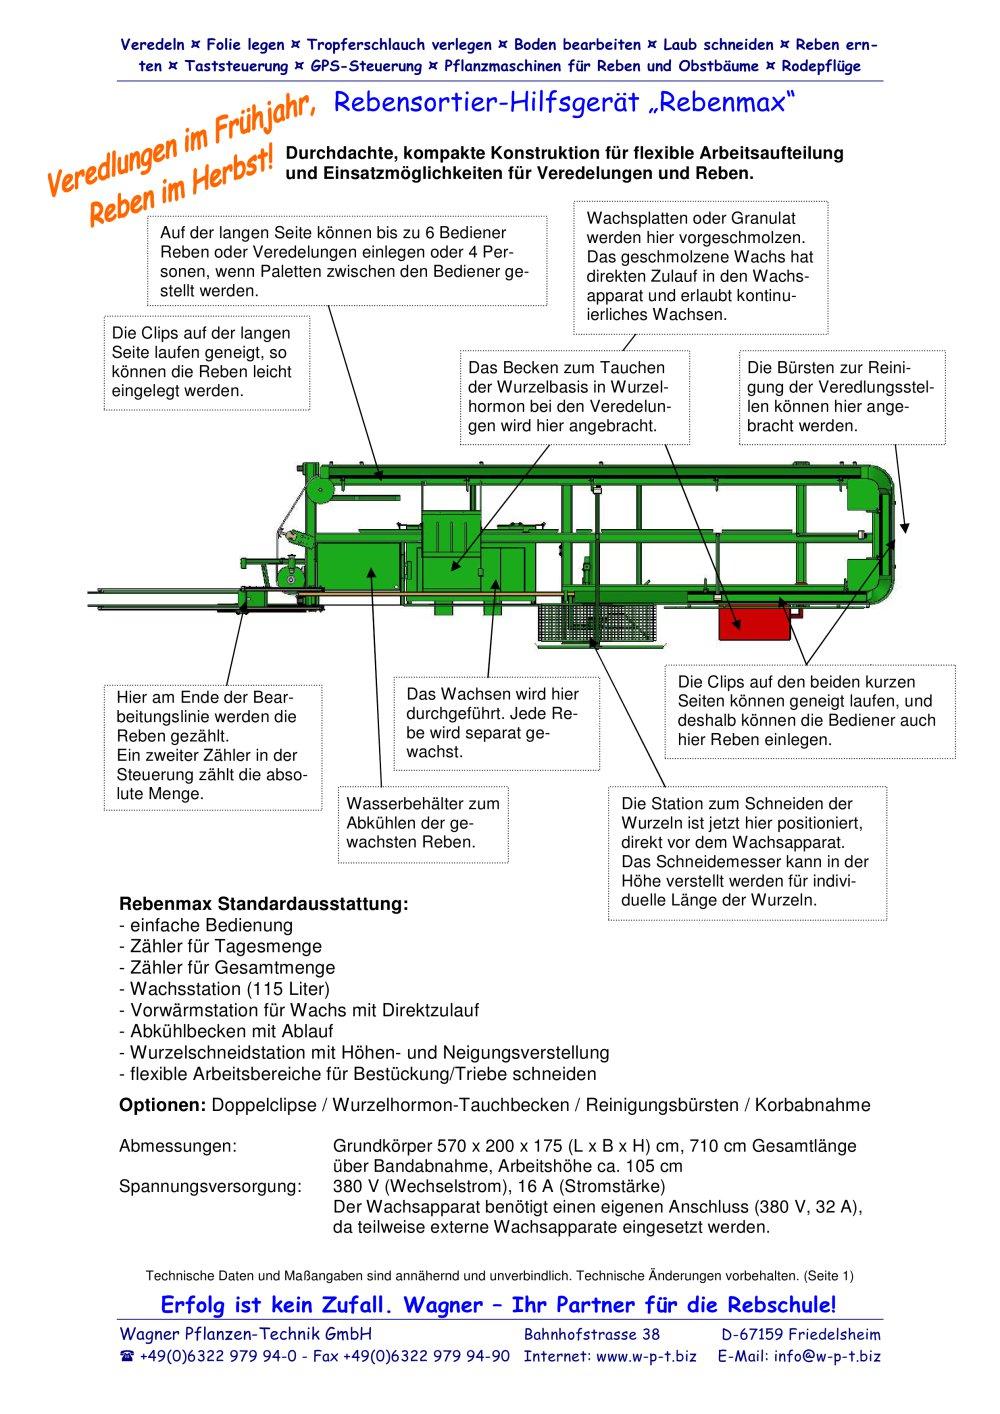 Rebenmax - Wagner Pflanzen-Technik GmbH - PDF Katalog | technische ...